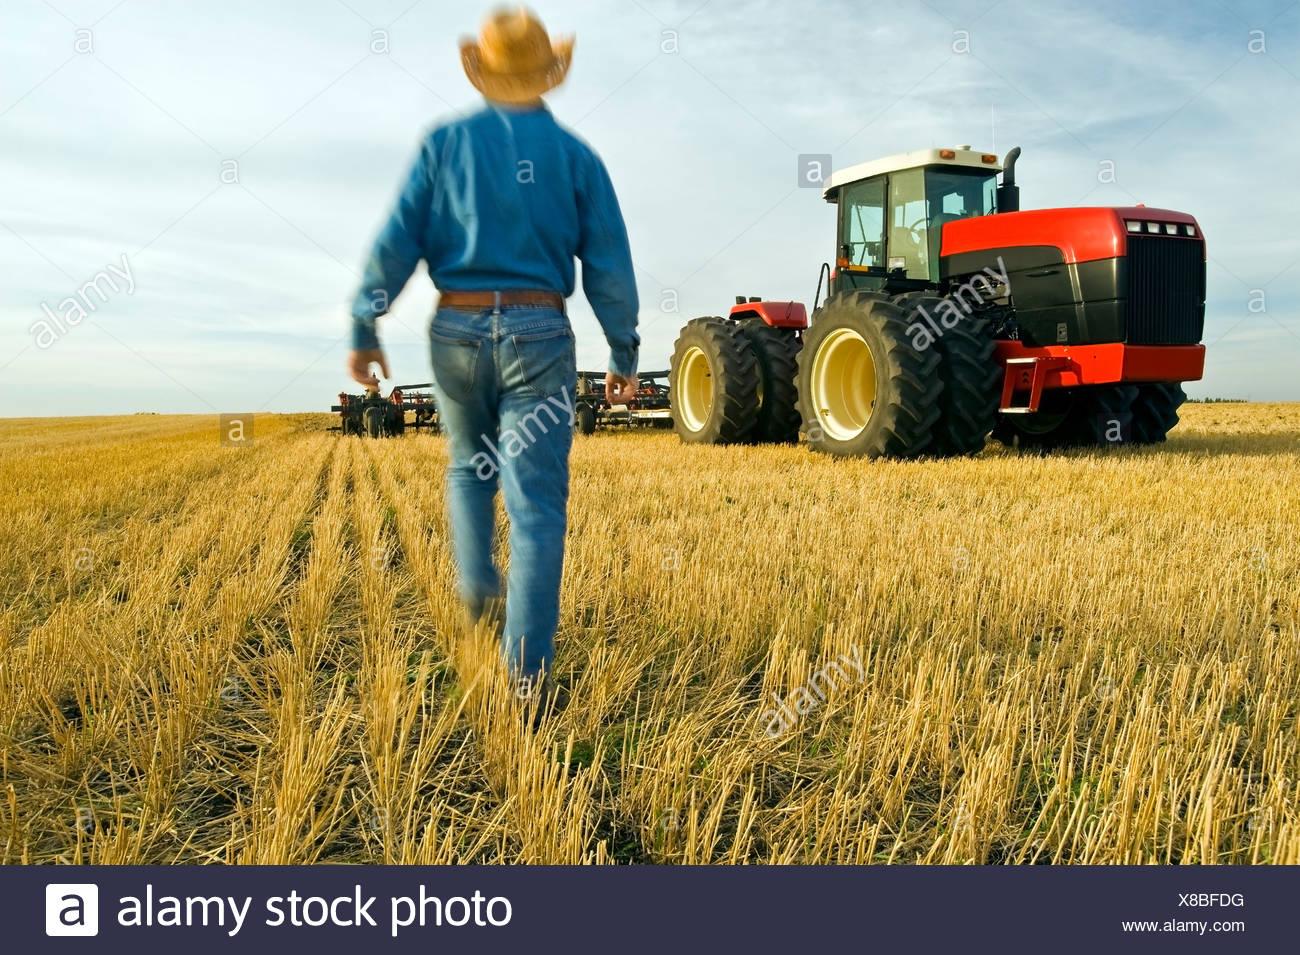 Coltivatore a piedi in un campo di stoppie di grano verso il suo trattore, Tiger colline, Manitoba, Canada Immagini Stock